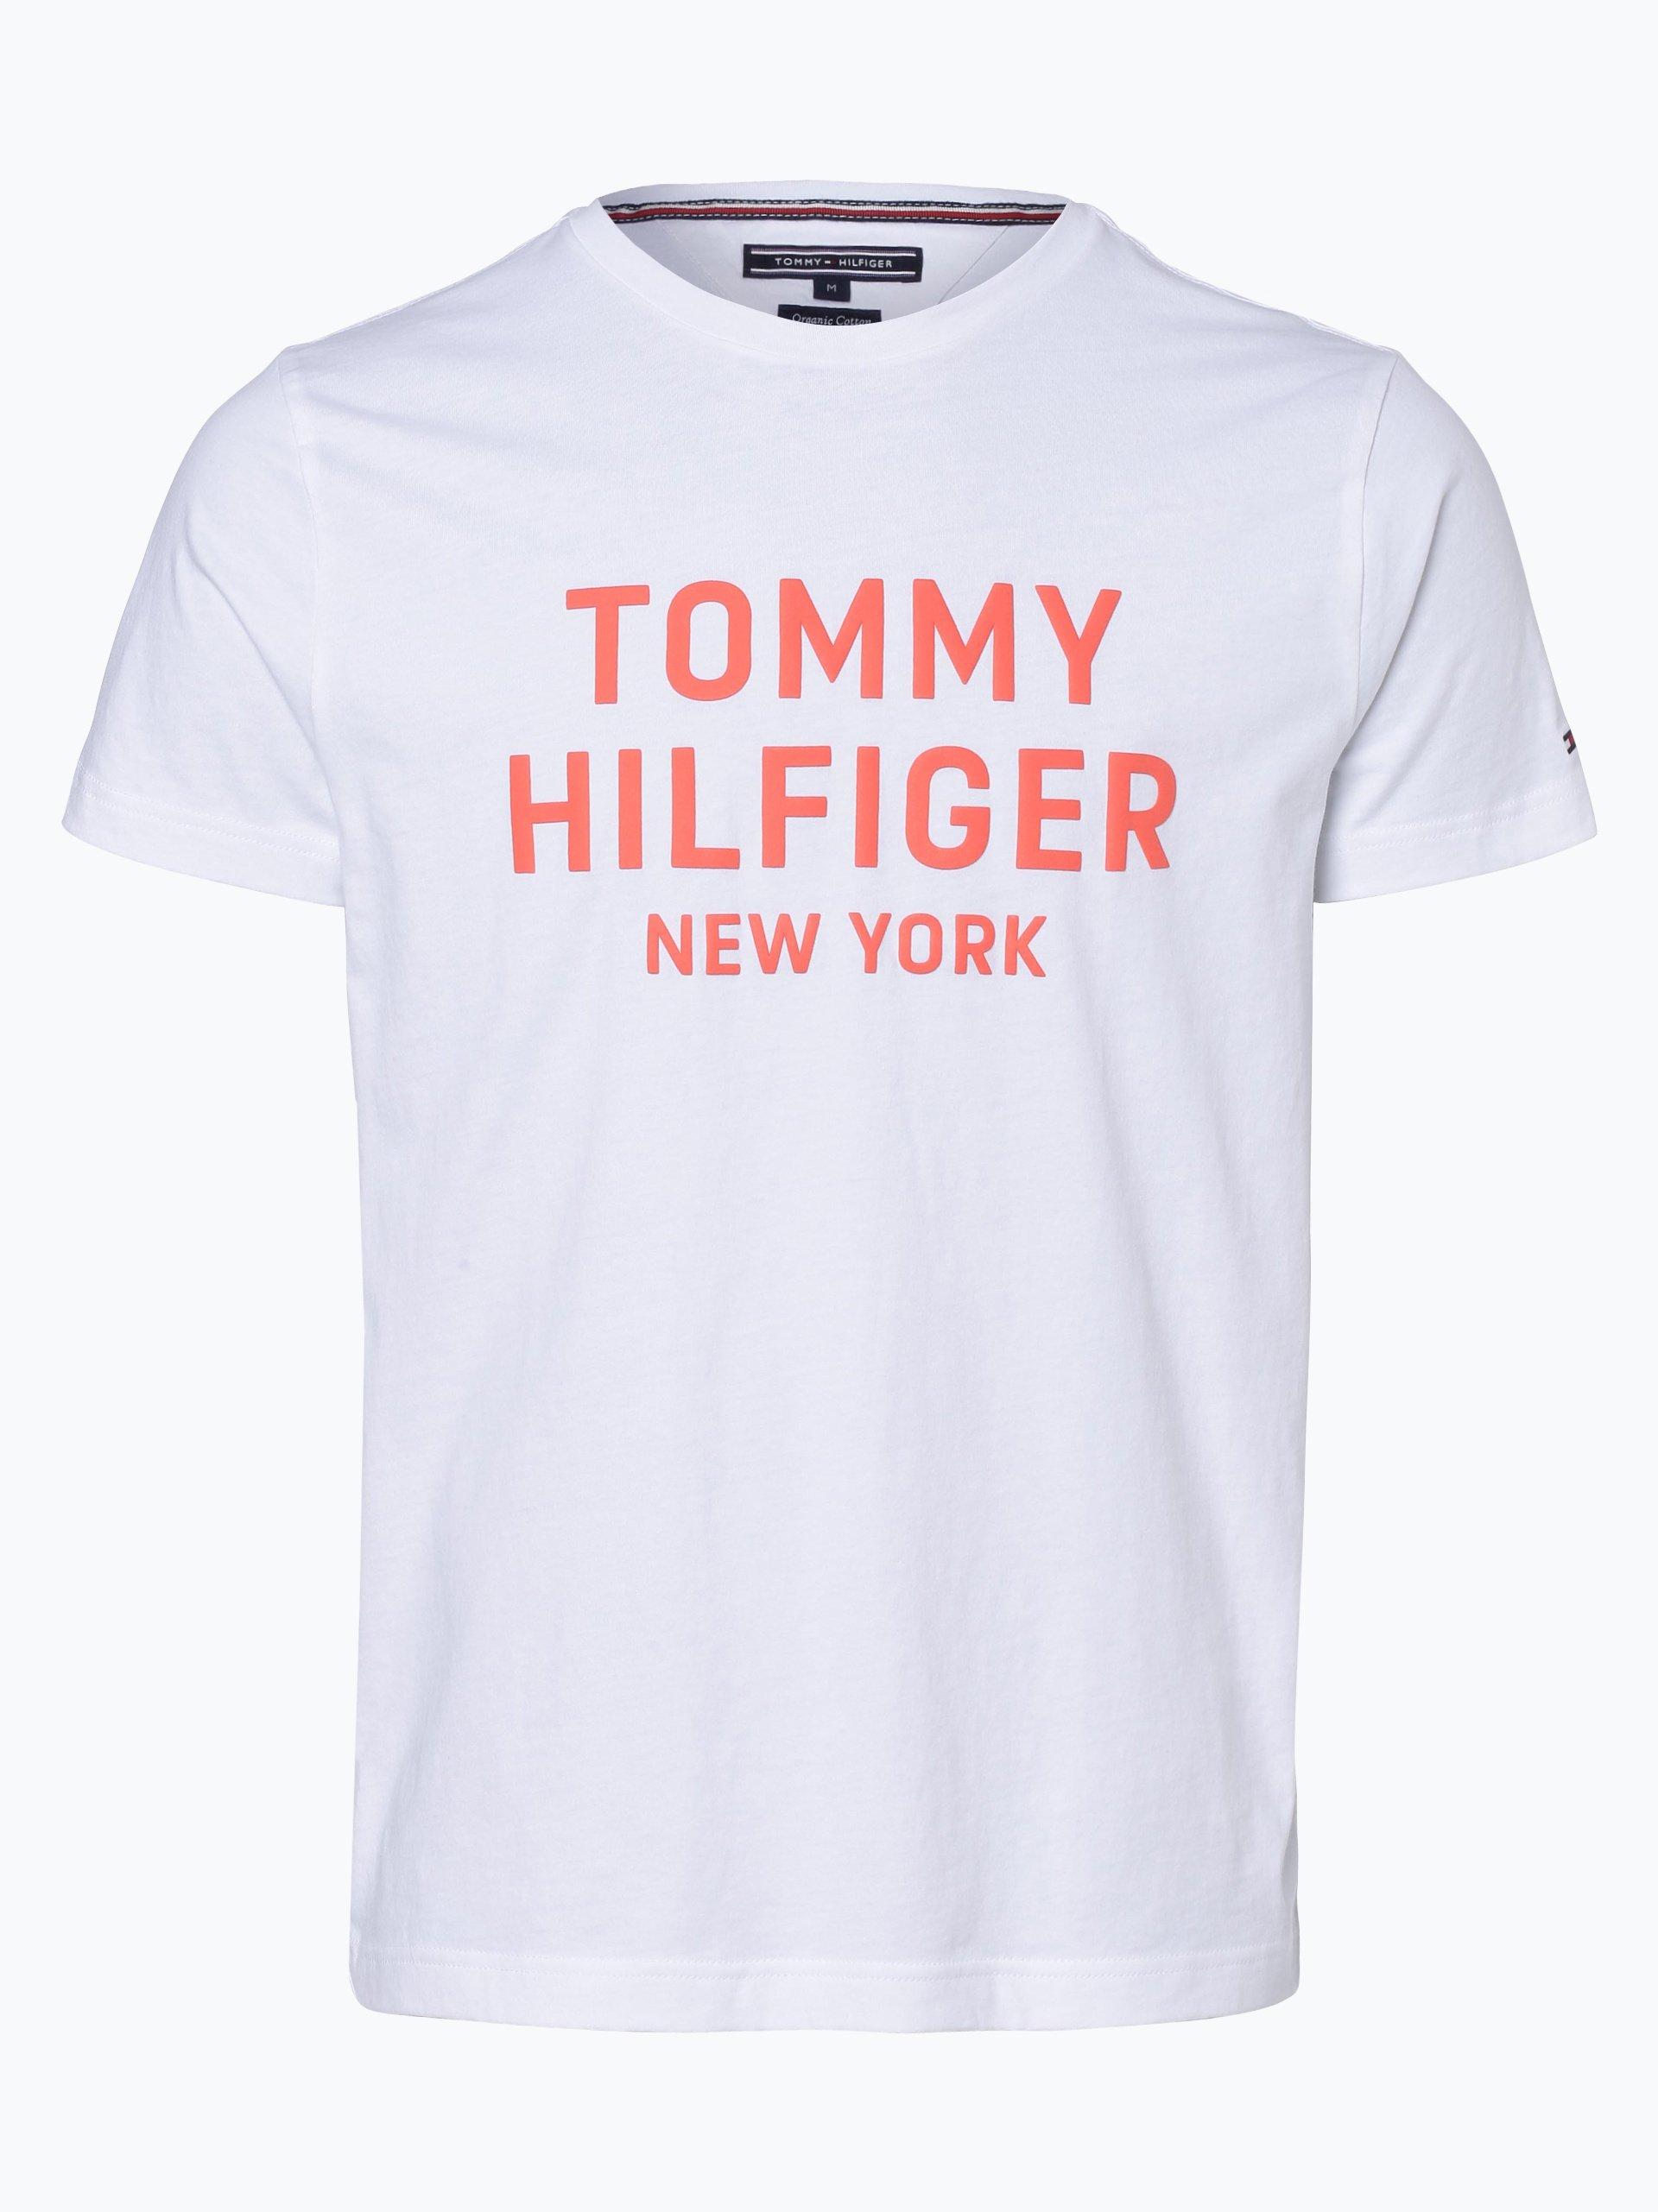 tommy hilfiger herren t shirt wei gemustert online kaufen. Black Bedroom Furniture Sets. Home Design Ideas